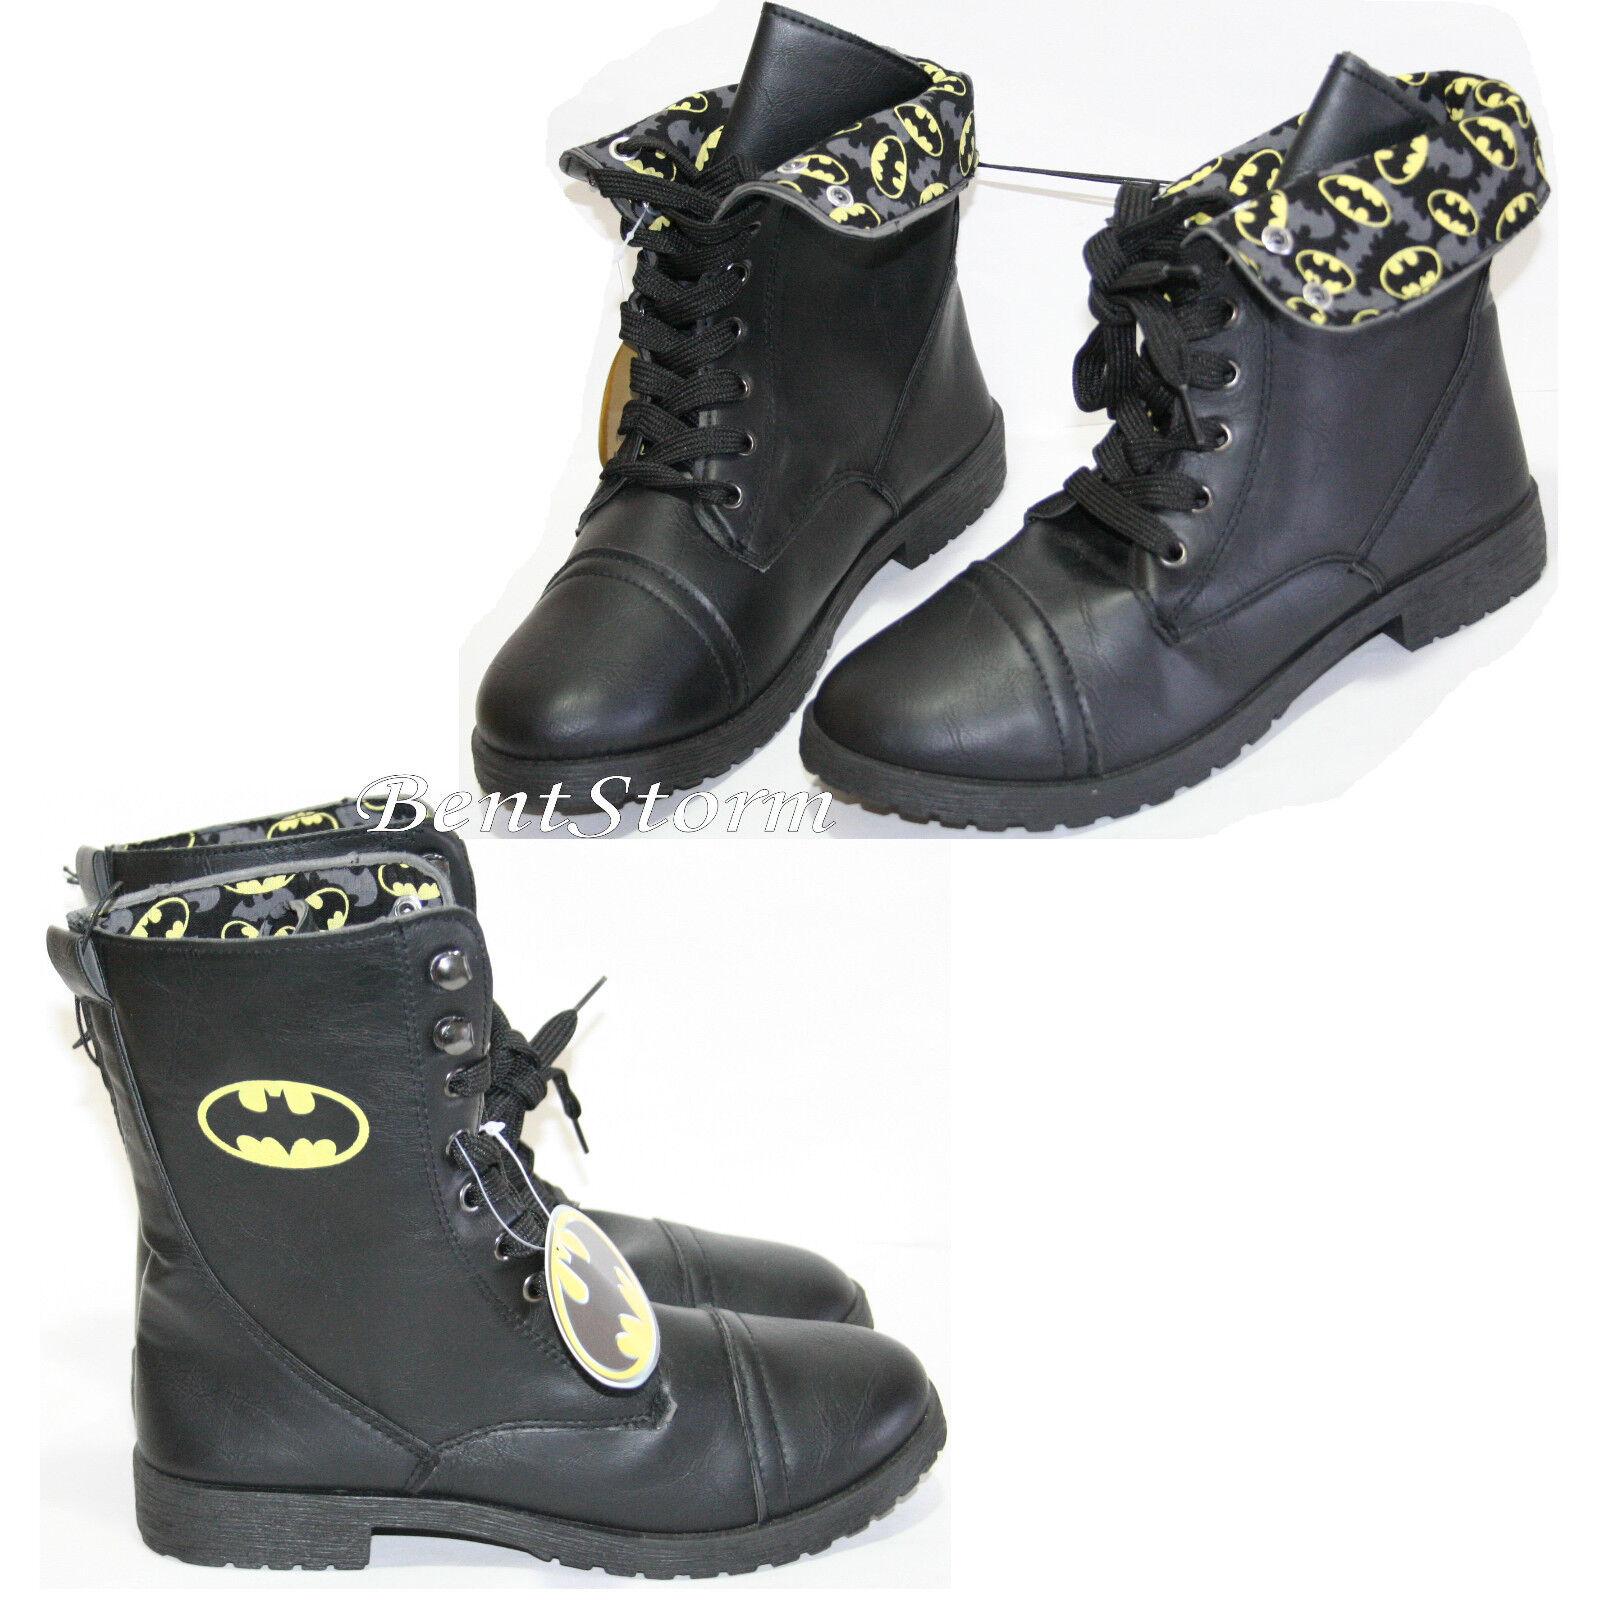 DC Comics BATMAN COMBAT BOOTS LOGO Allover Damenschuhe Fold Over Lace Up Schuhe 7-8